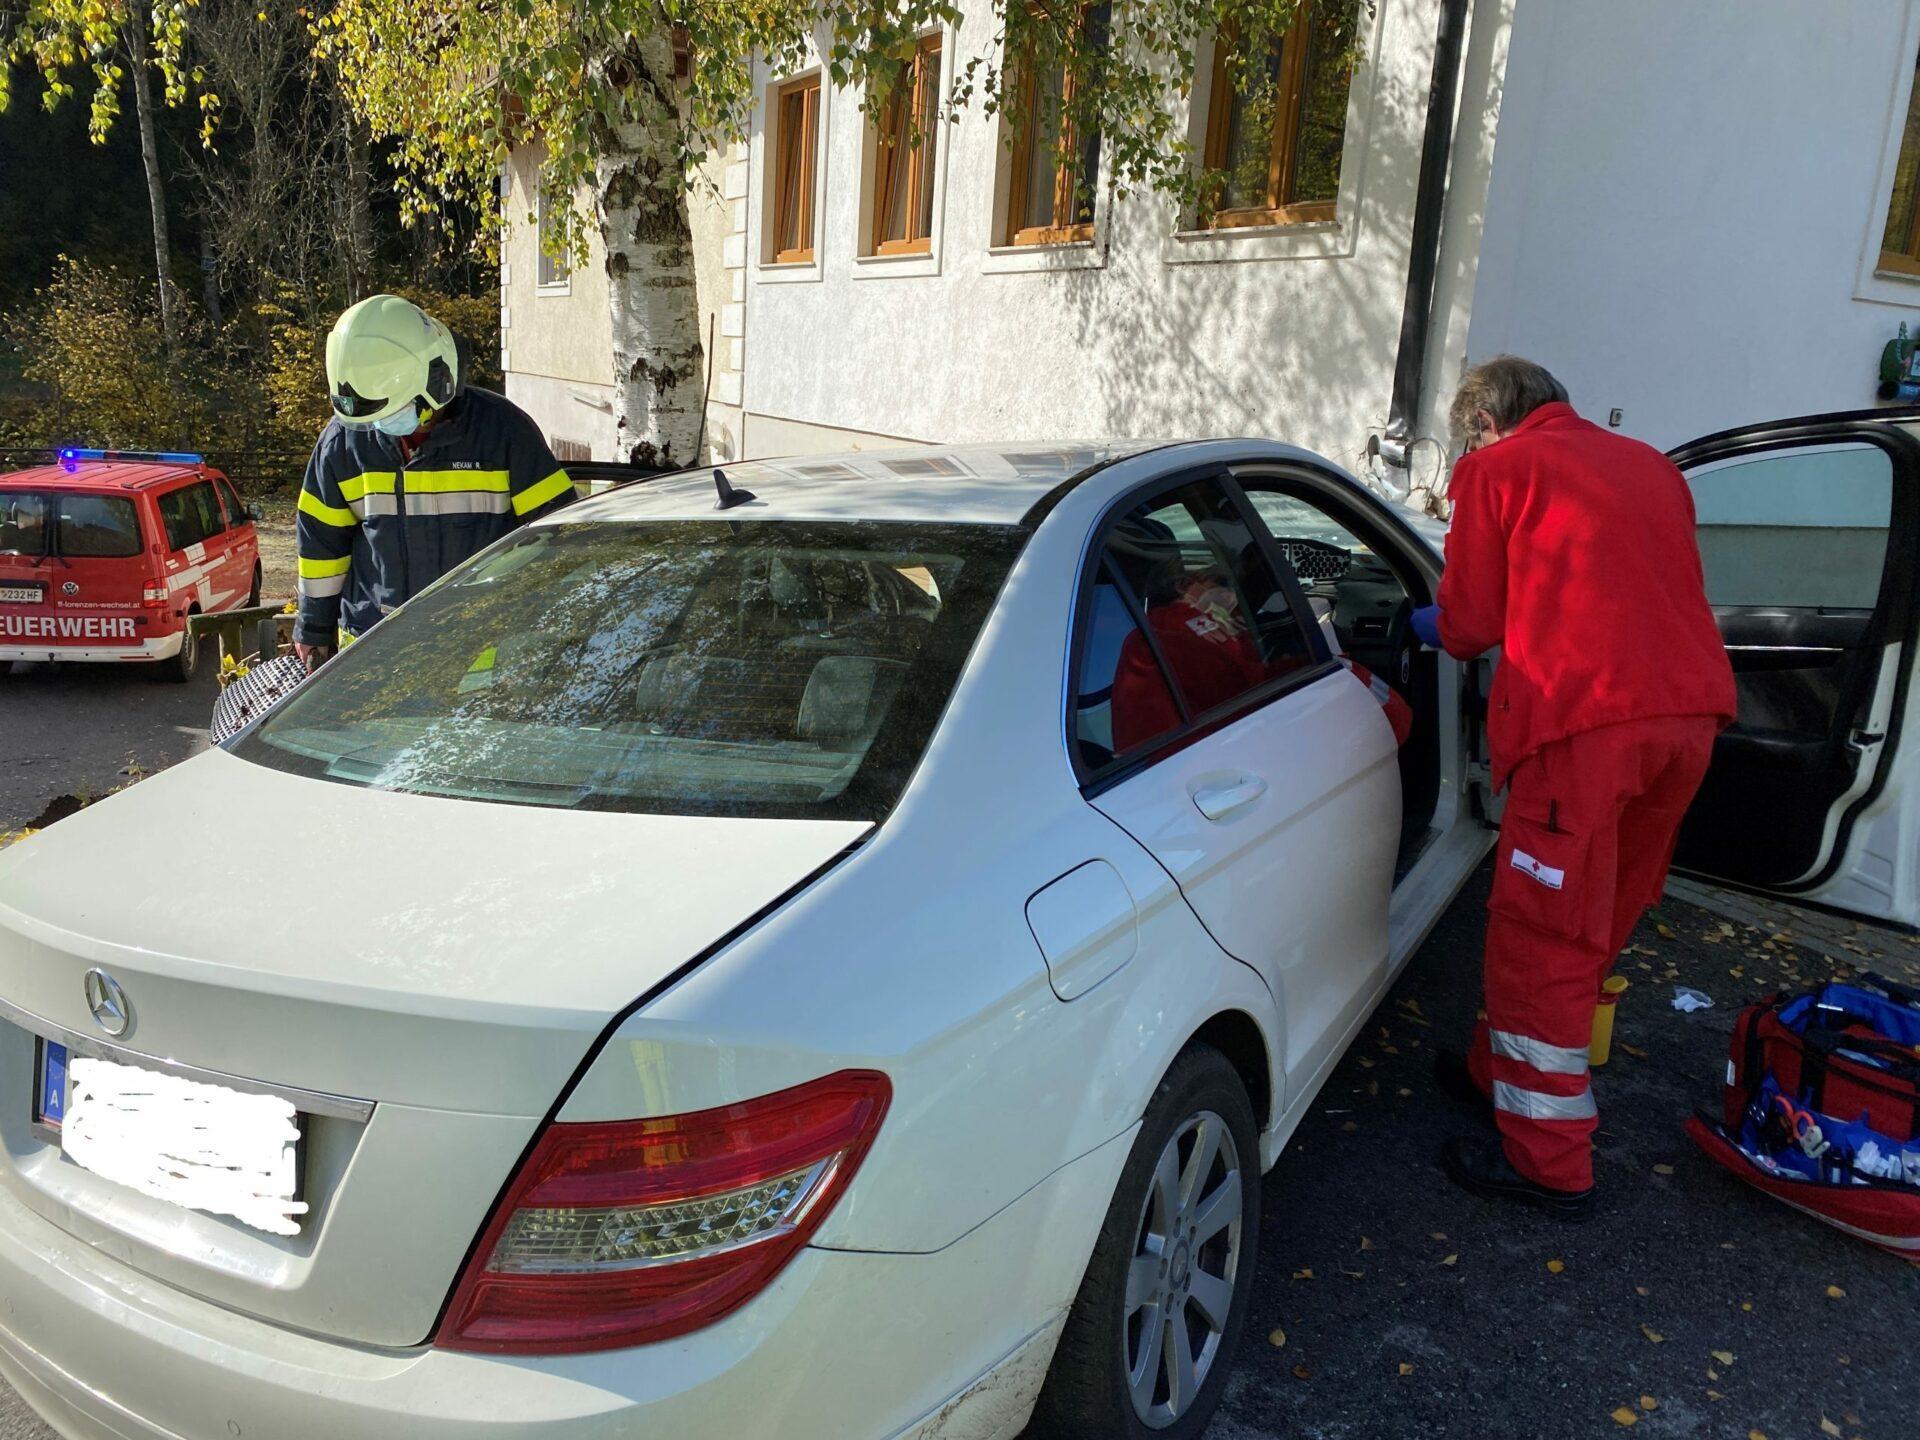 28.10.2020 – Schwerer Verkehrsunfall mit verletzter Person